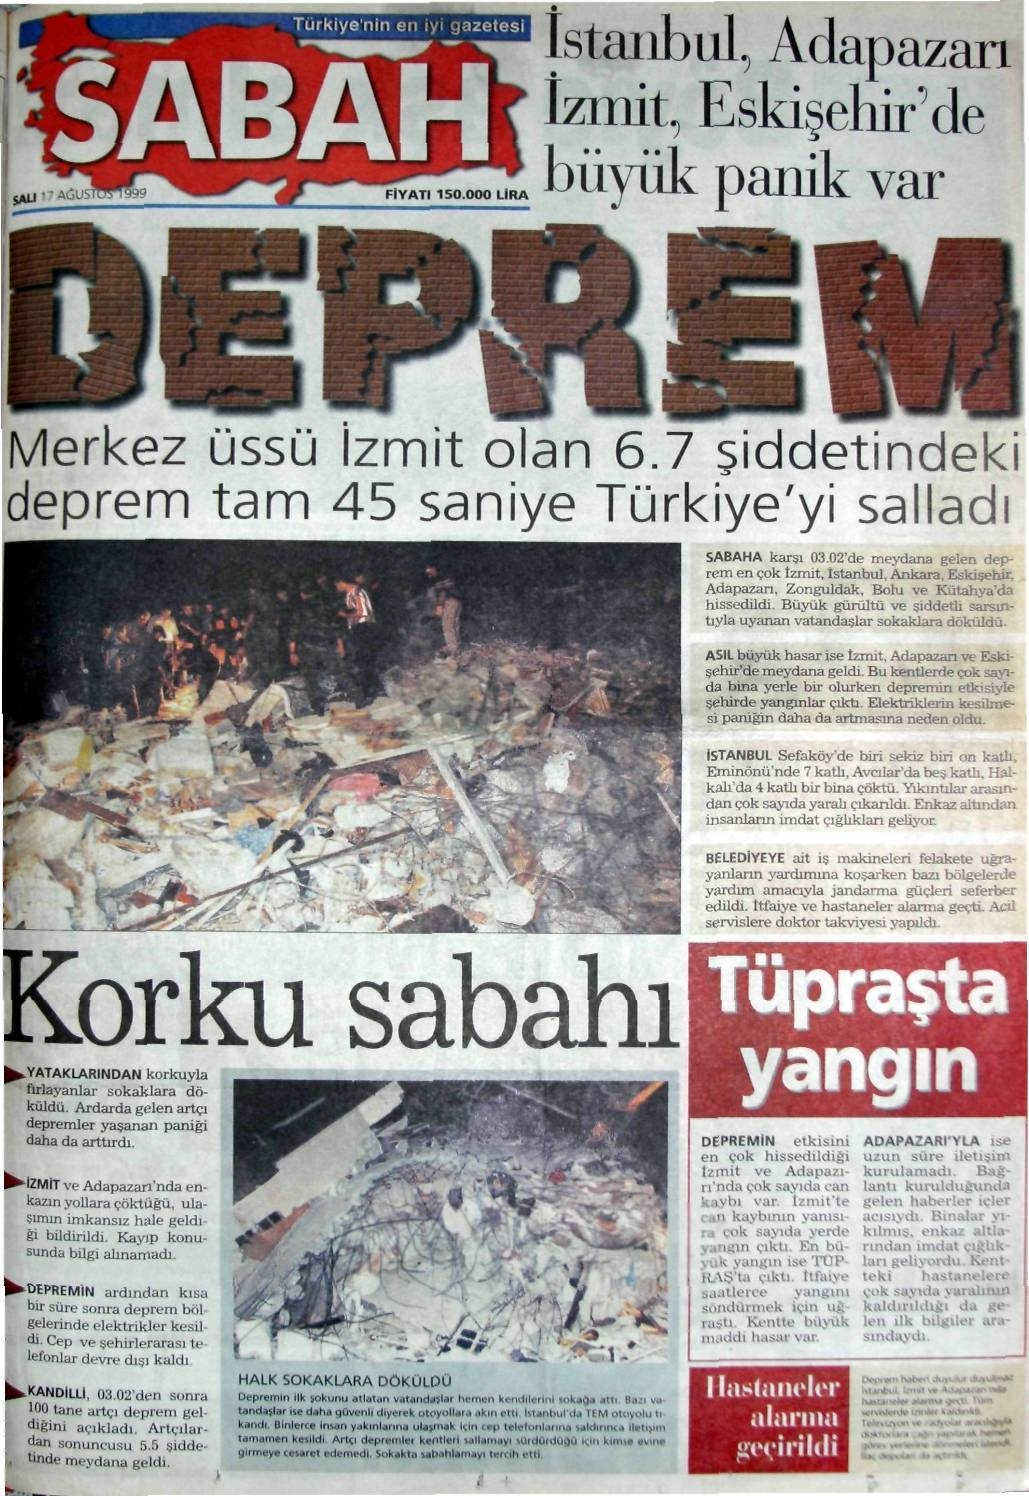 Sabah-gazetesi-17-agustos-1999 17 Ağustos 1999 Depremi, O Günlerin Gazete Manşetleri